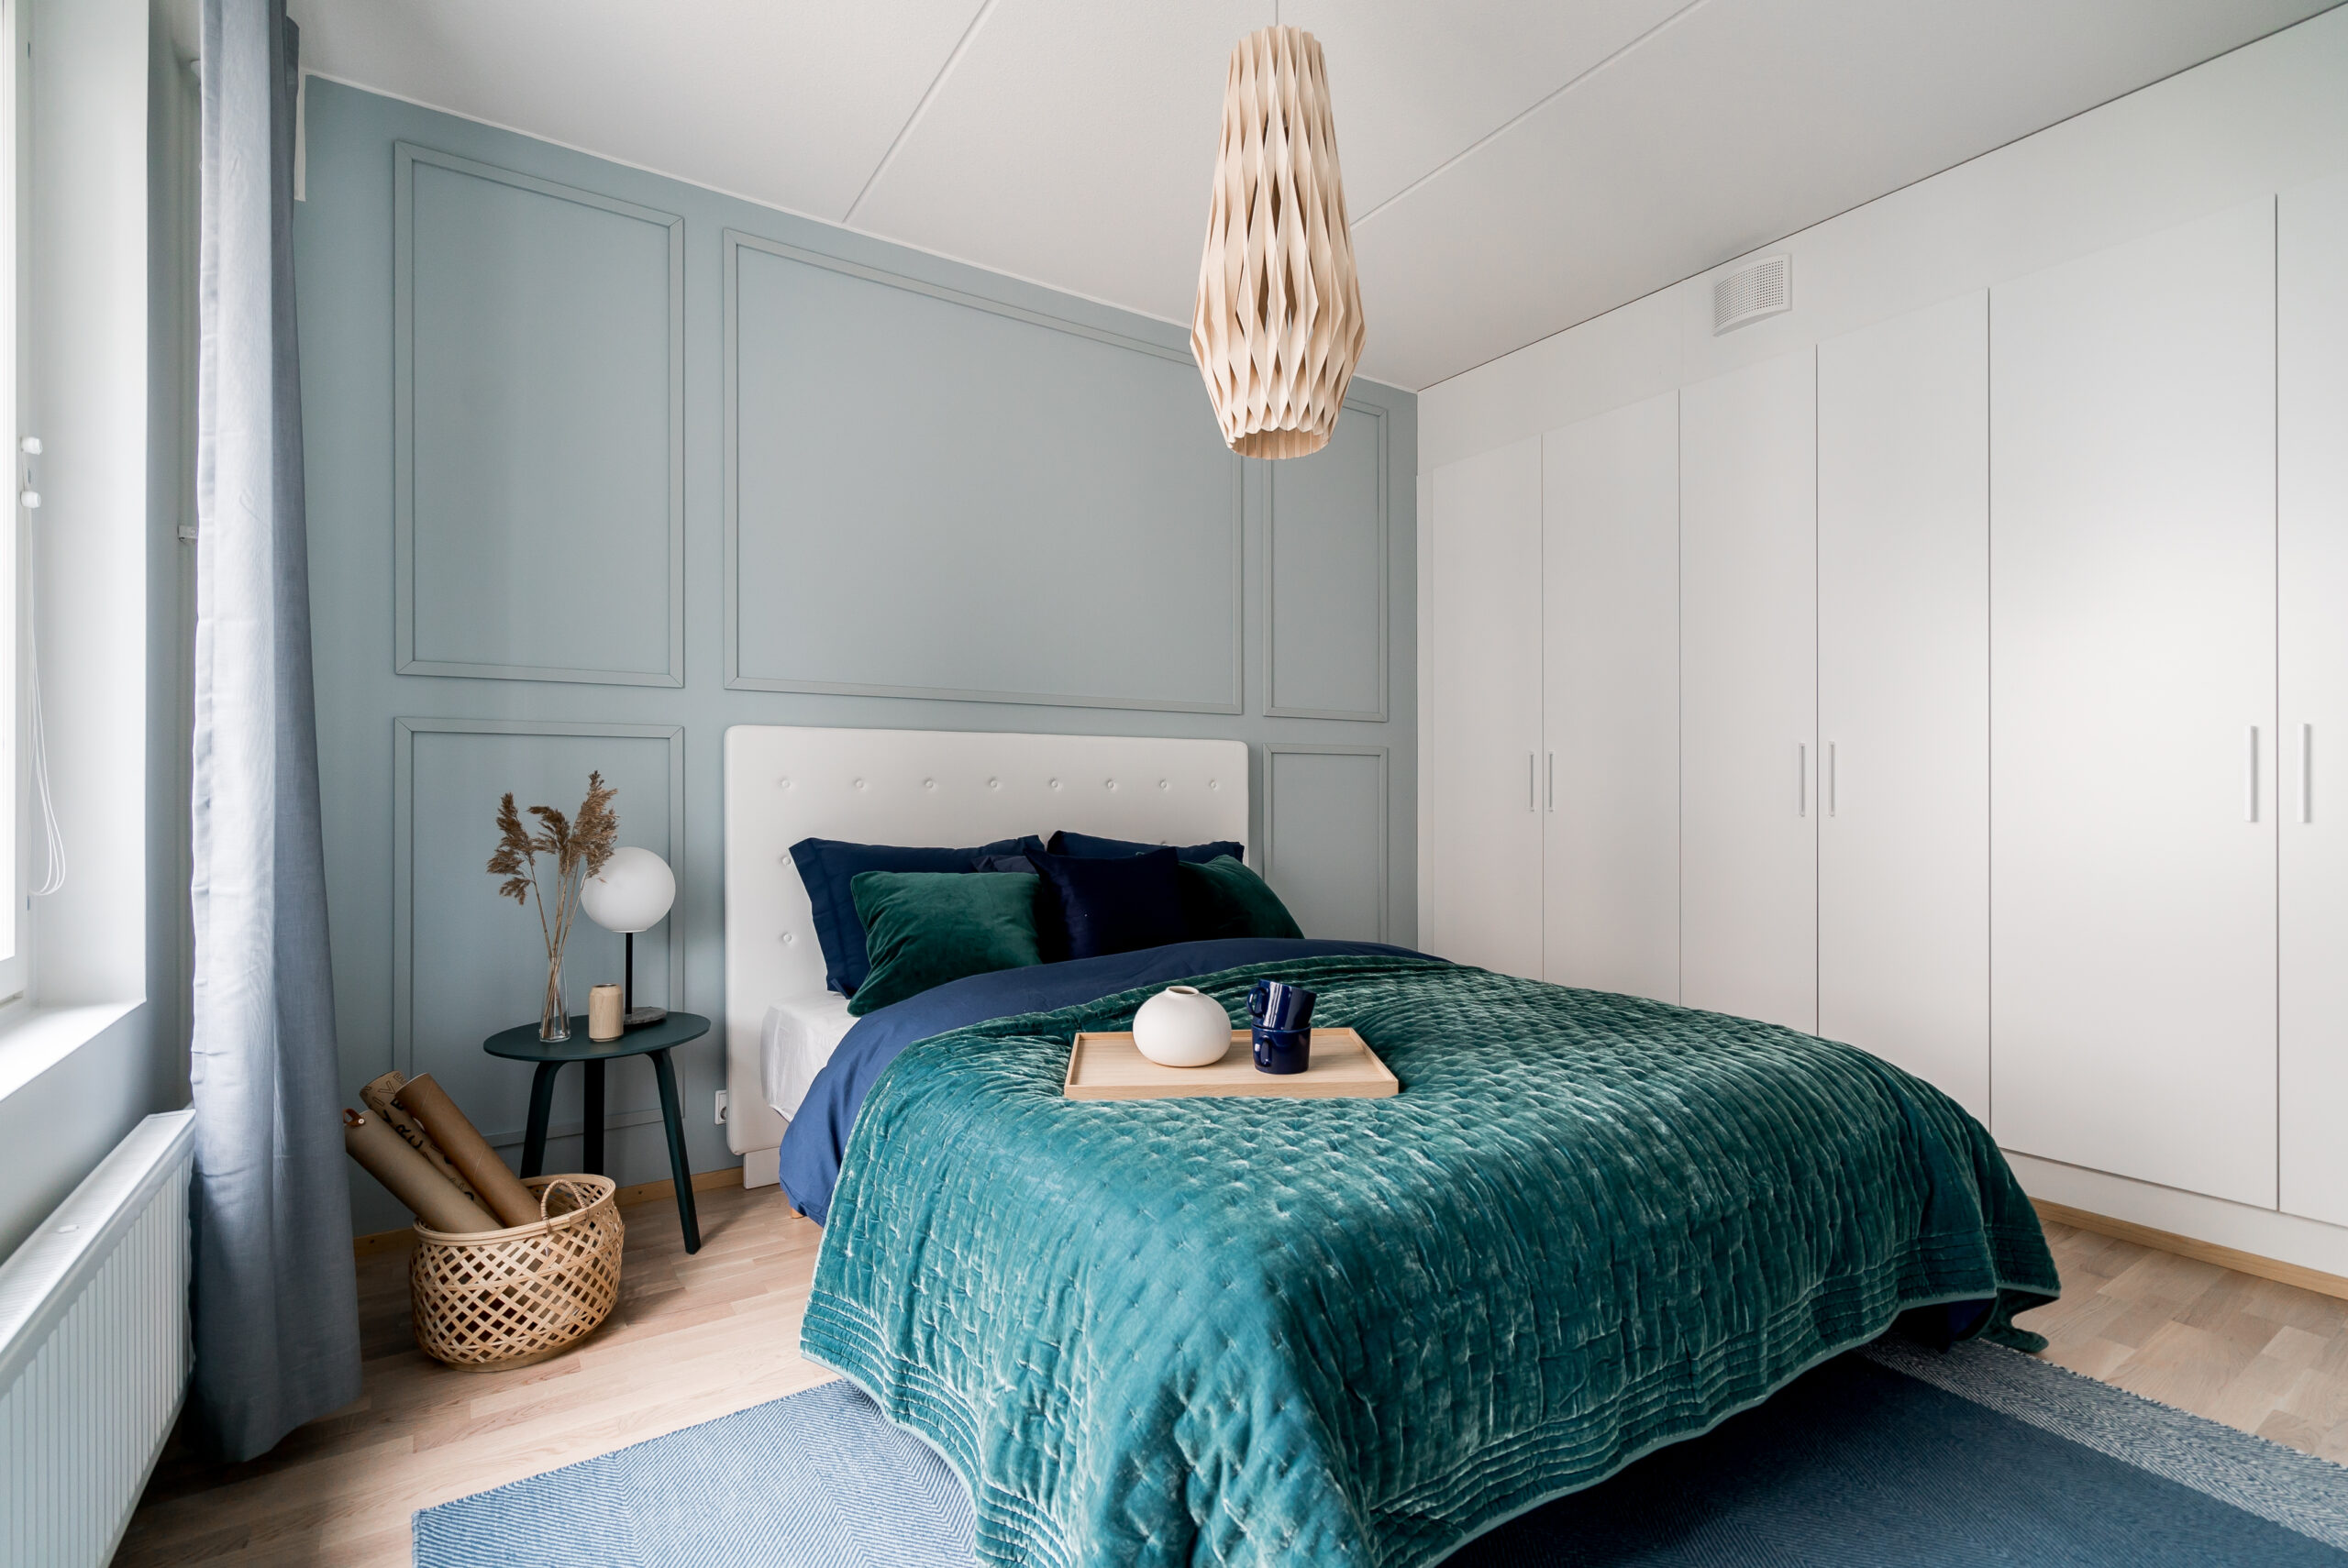 Makuuhuoneeseen saat helposti ripauksen ylellisyyttä tekemällä puurimoista kauniit kehykset. Erityisiä puusepäntaitoja ei tarvita, eikä monimutkaisia työvälineitäkään.